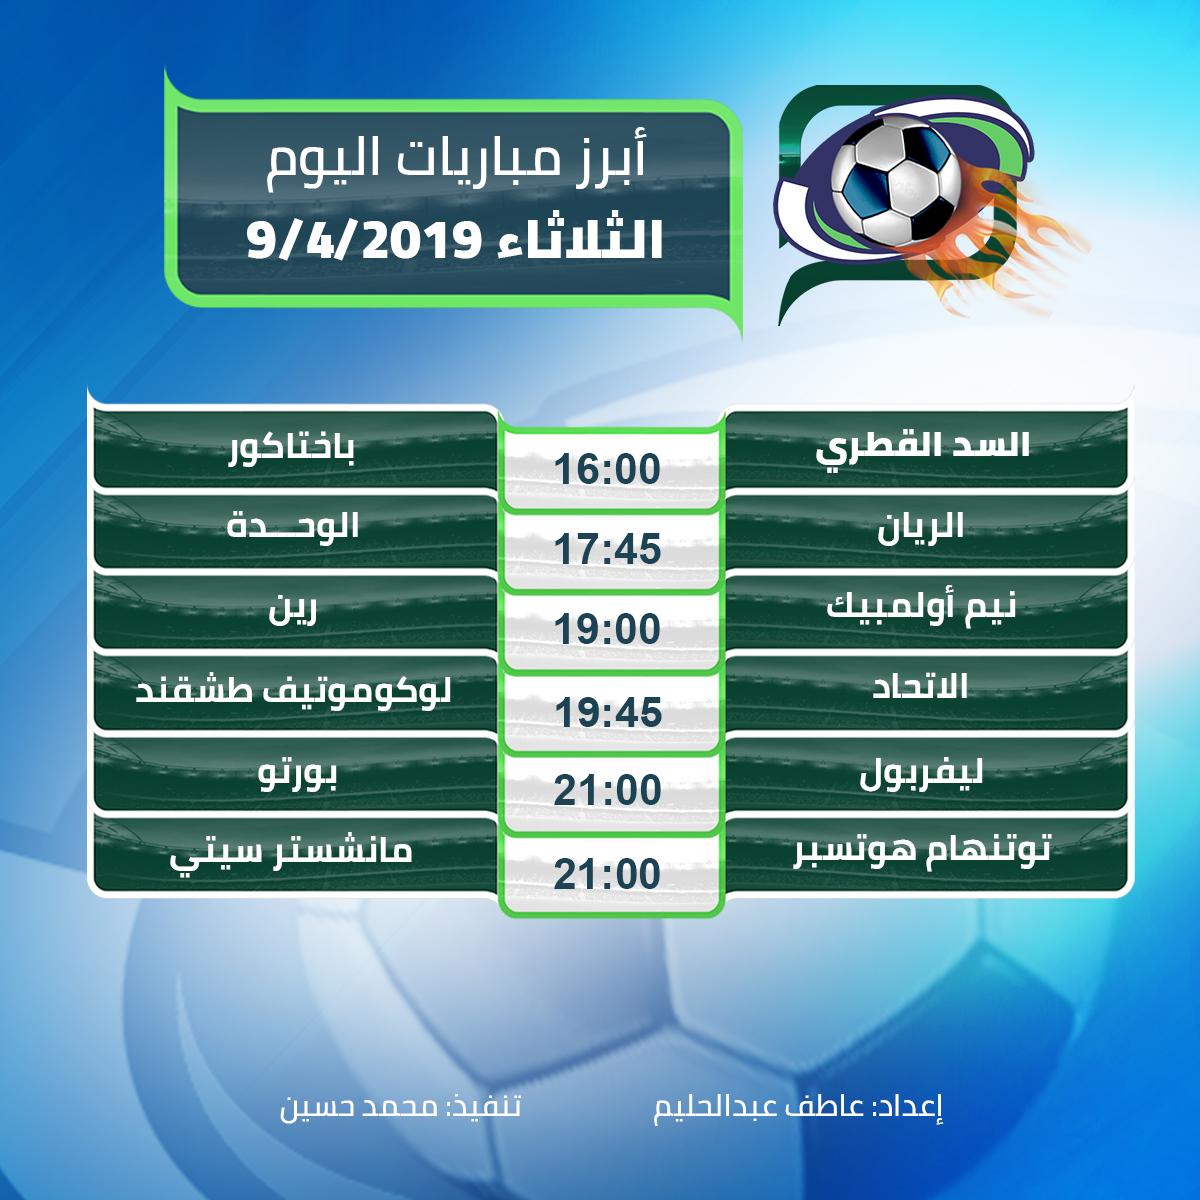 أبرز مباريات اليوم  الثلاثاء 9/4/2019